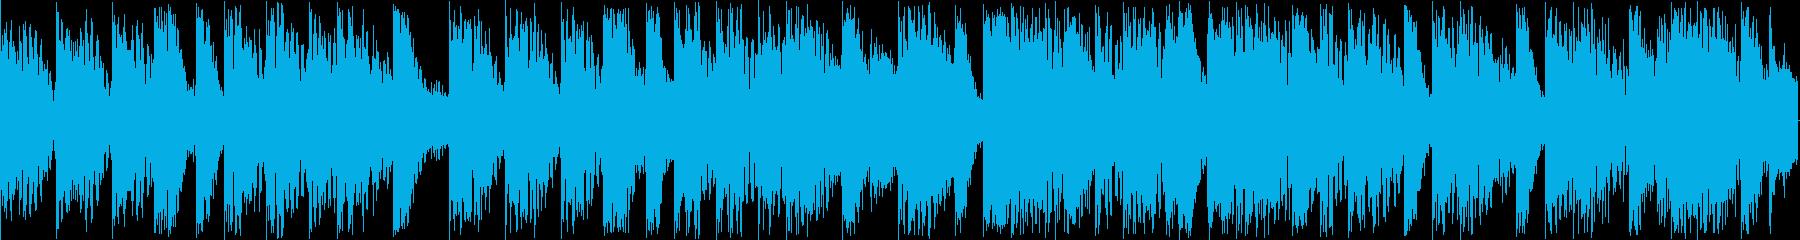 ゲームのBGM用に作成した日本風でコミ…の再生済みの波形